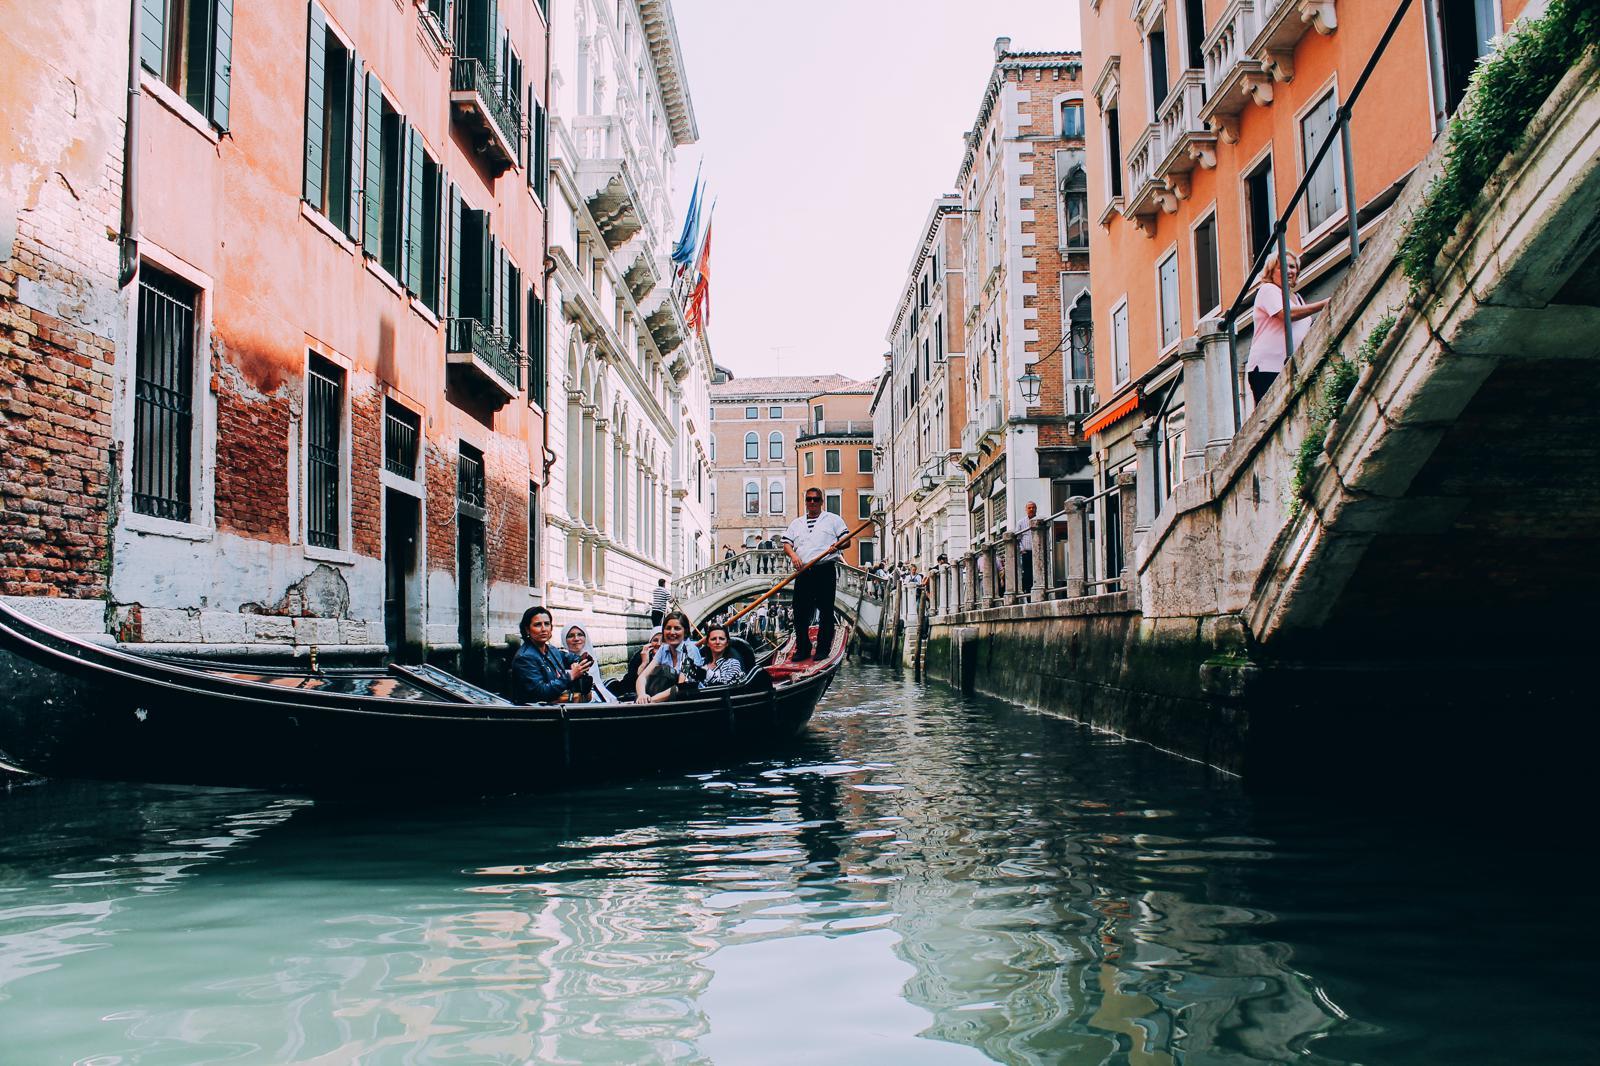 Venice - A Photo Diary. Italy, Europe (17)